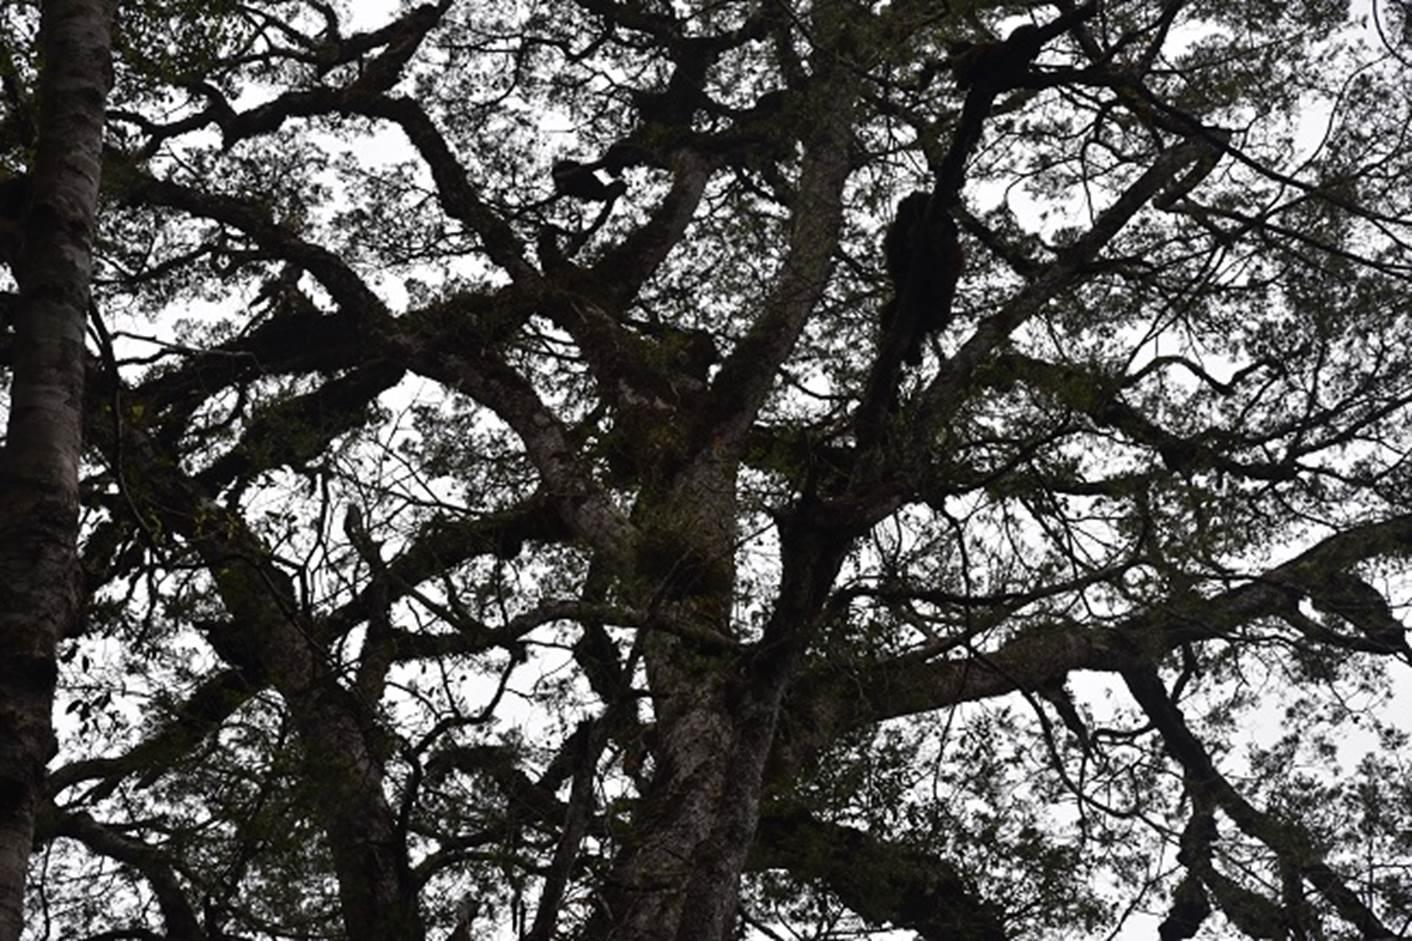 Cây thông 2 lá dẹt có các tán cây tỏa rộng